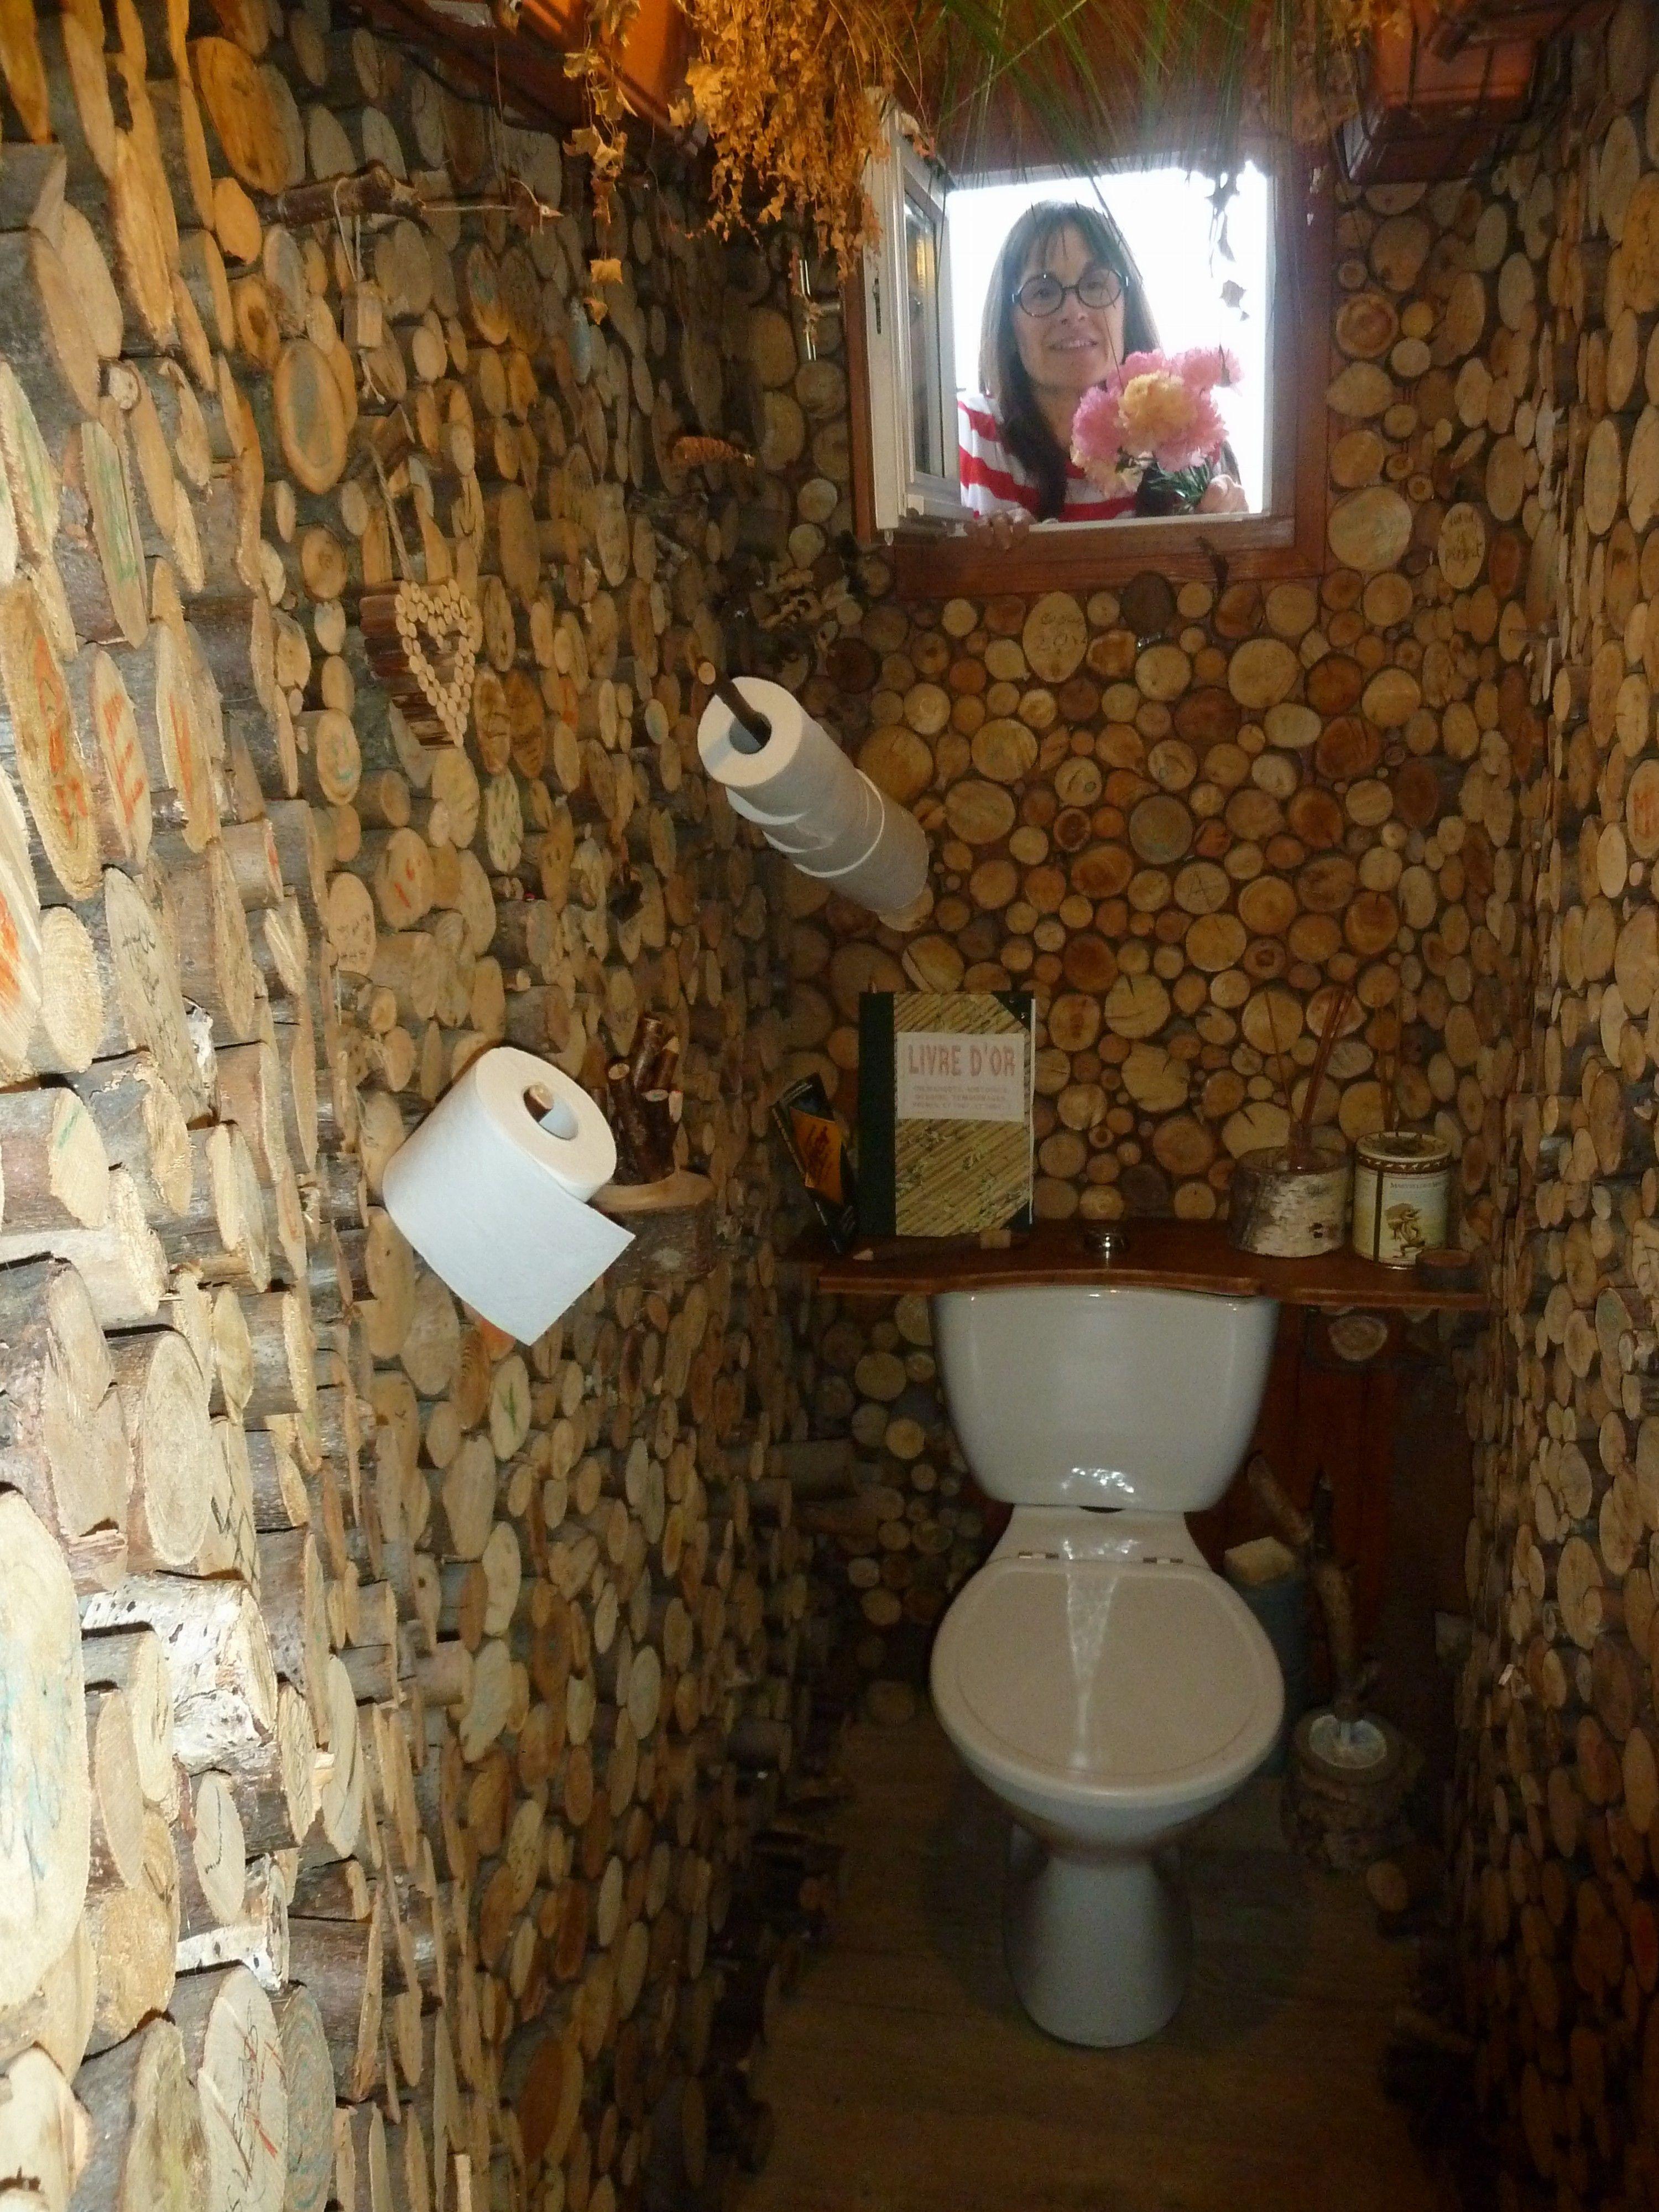 Toilette bois et nature | Toilettes créatives | Pinterest | Toilette ...